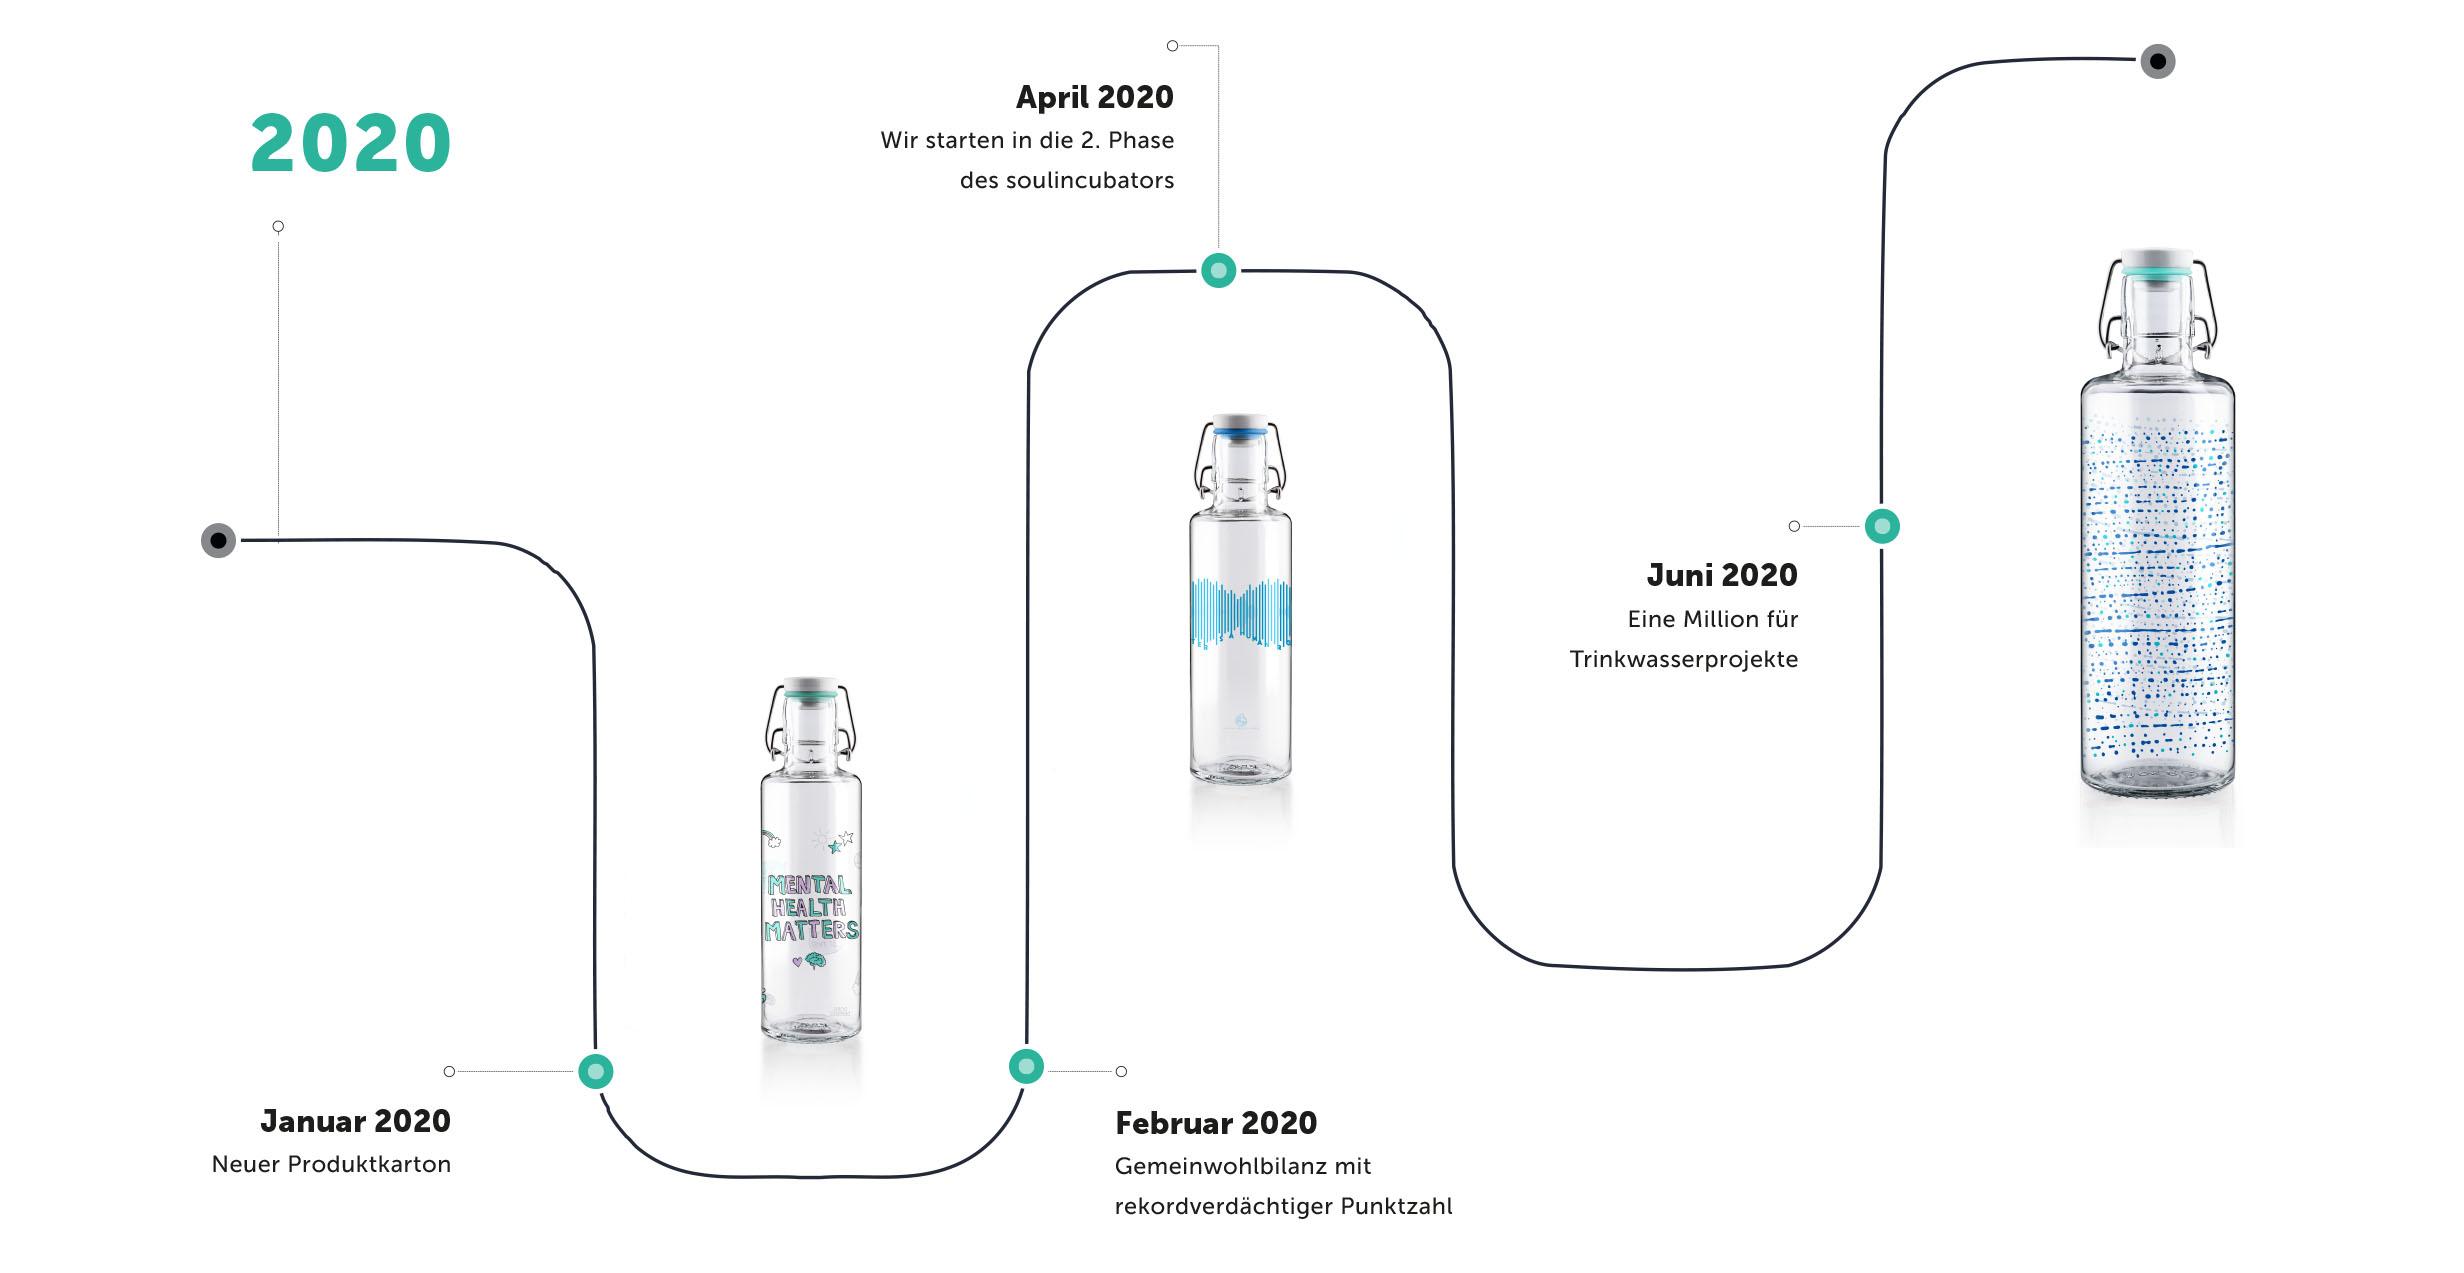 Blog_Timeline-VCA-soulbottles_Header-2020